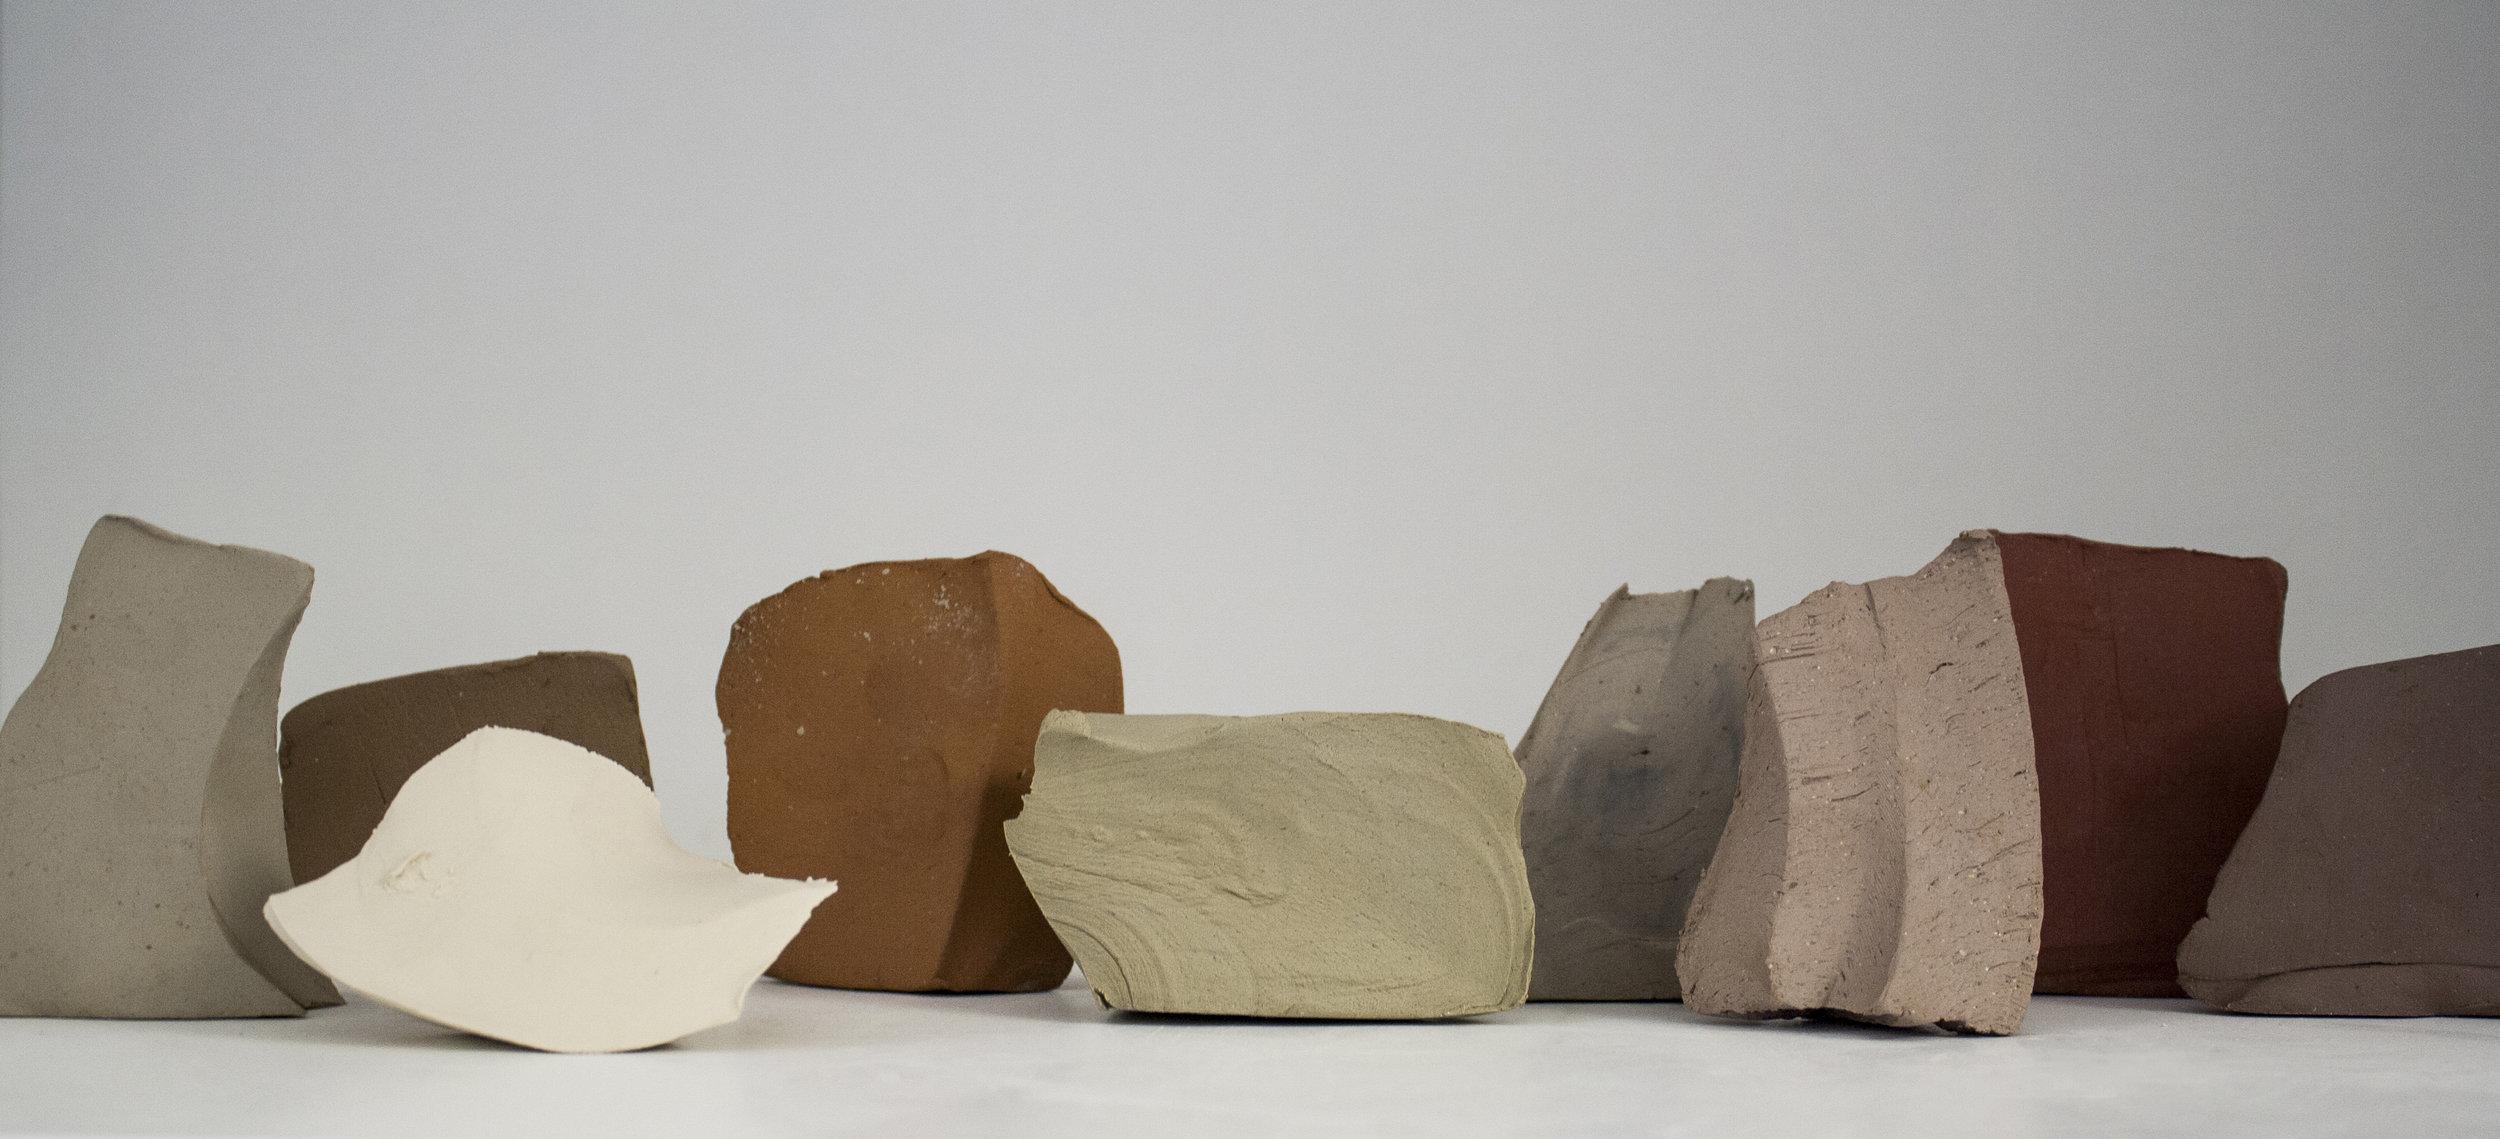 clay samples 1.jpg